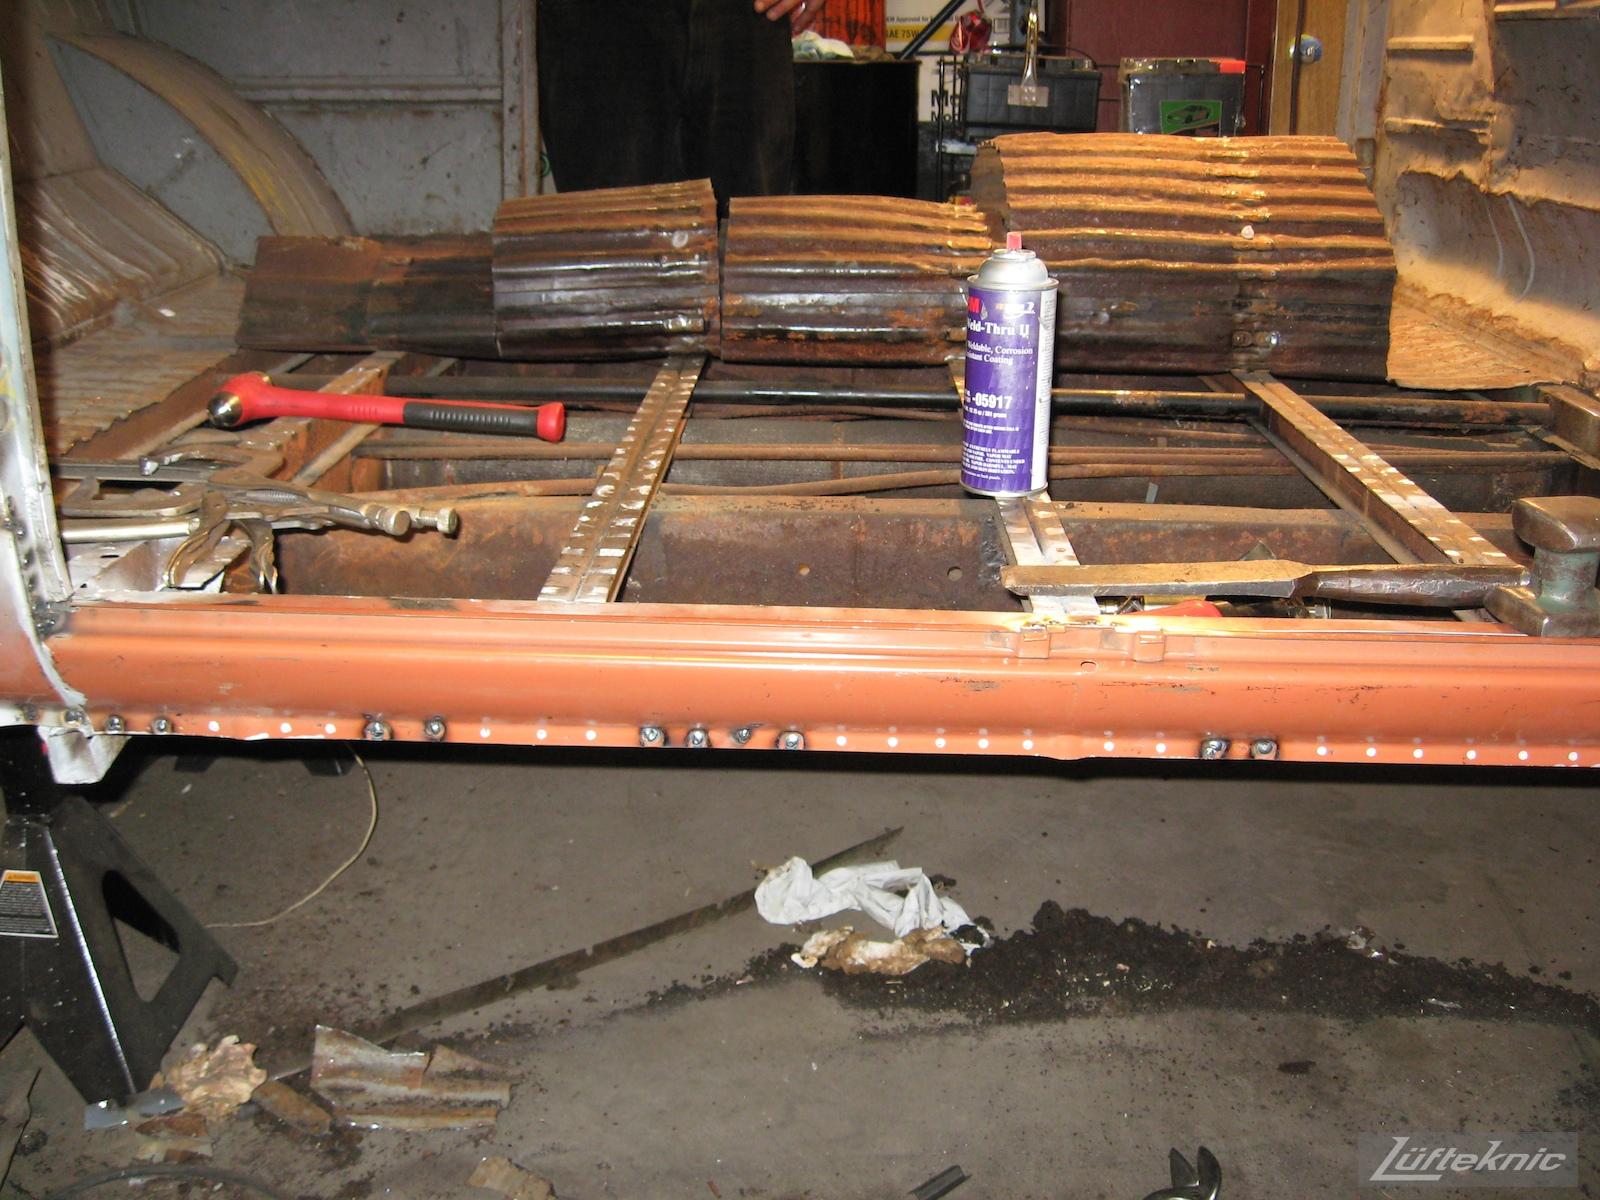 1956 Volkswagen double panel Transporter Porsche Bus cargo floors removed.